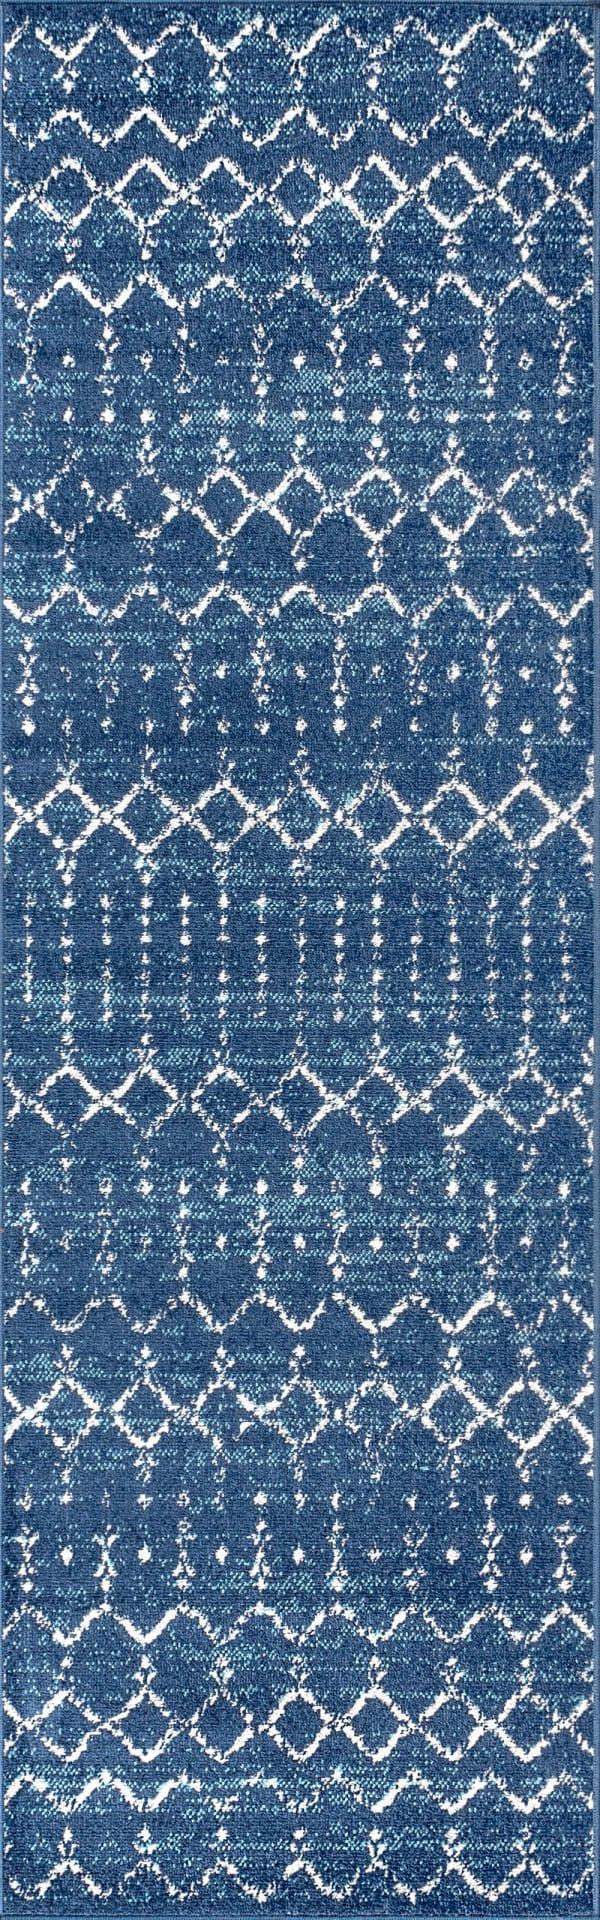 Moroccan HYPE Boho Vintage Diamond Blue/White 2.25' x 8' Runner Rug